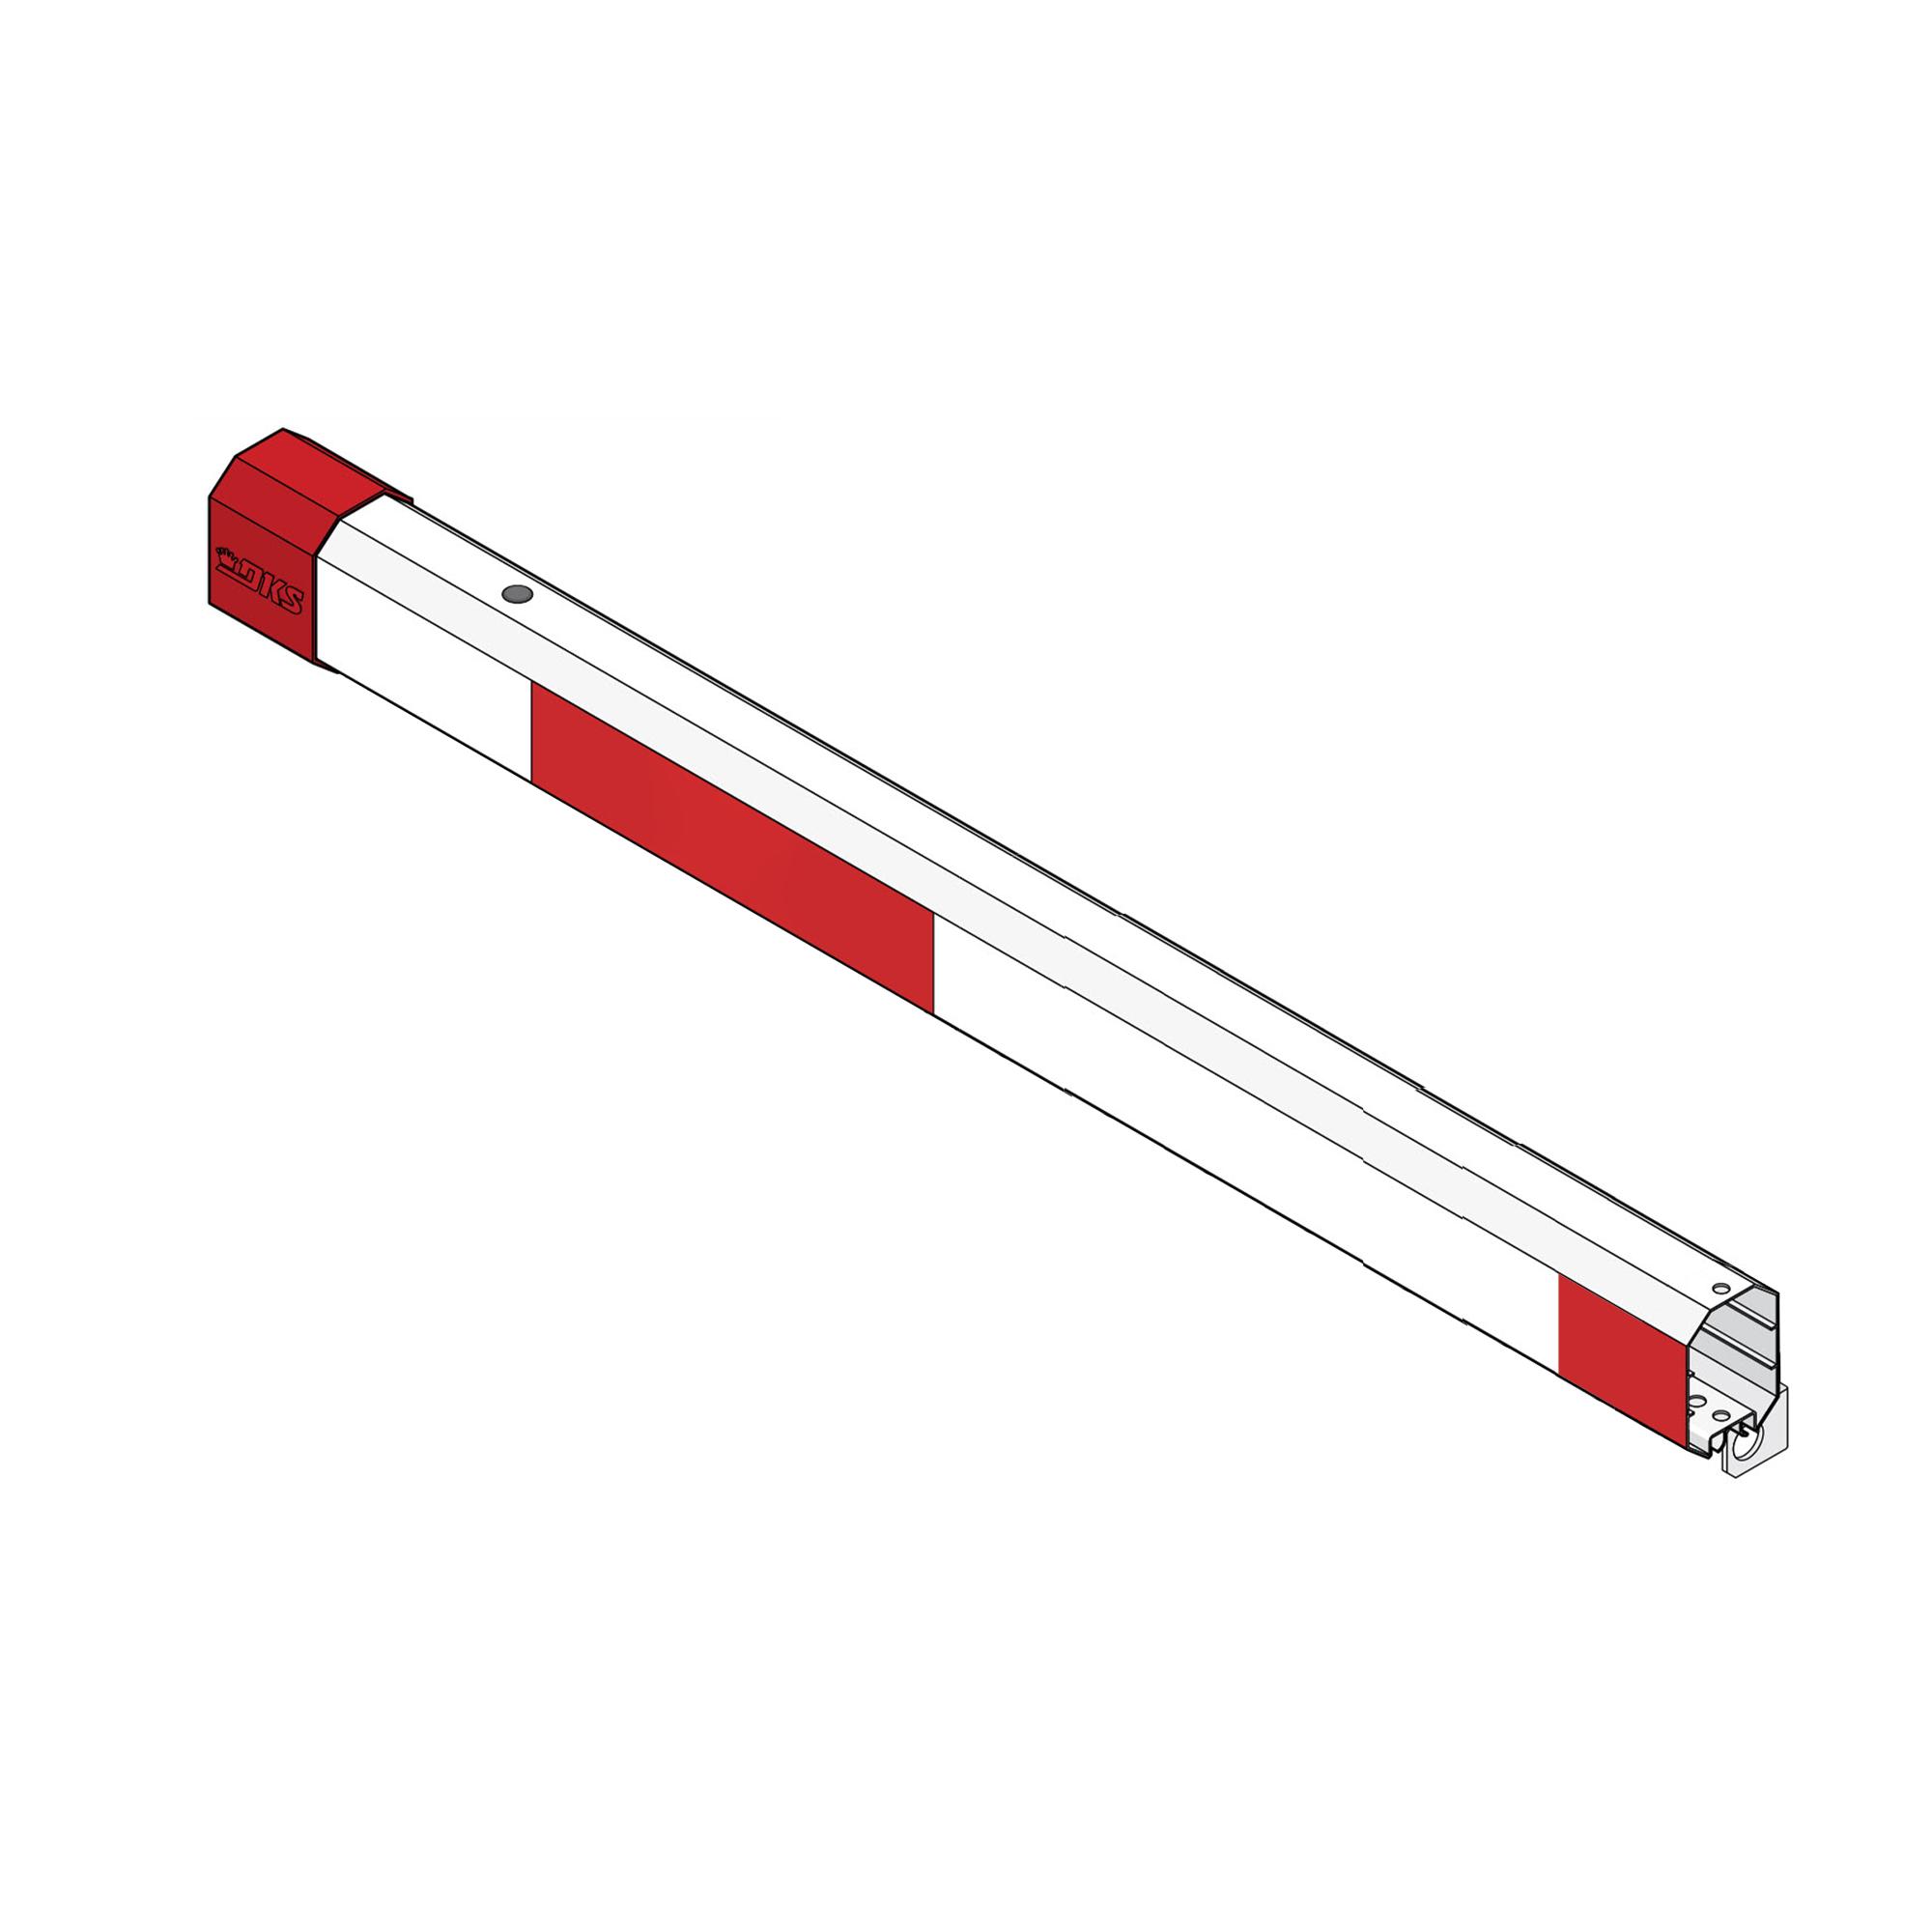 Brazo Octagonal de Aluminio de 4.2 metros / Compatible con Iluminacion Rojo-Verde (No incluida)